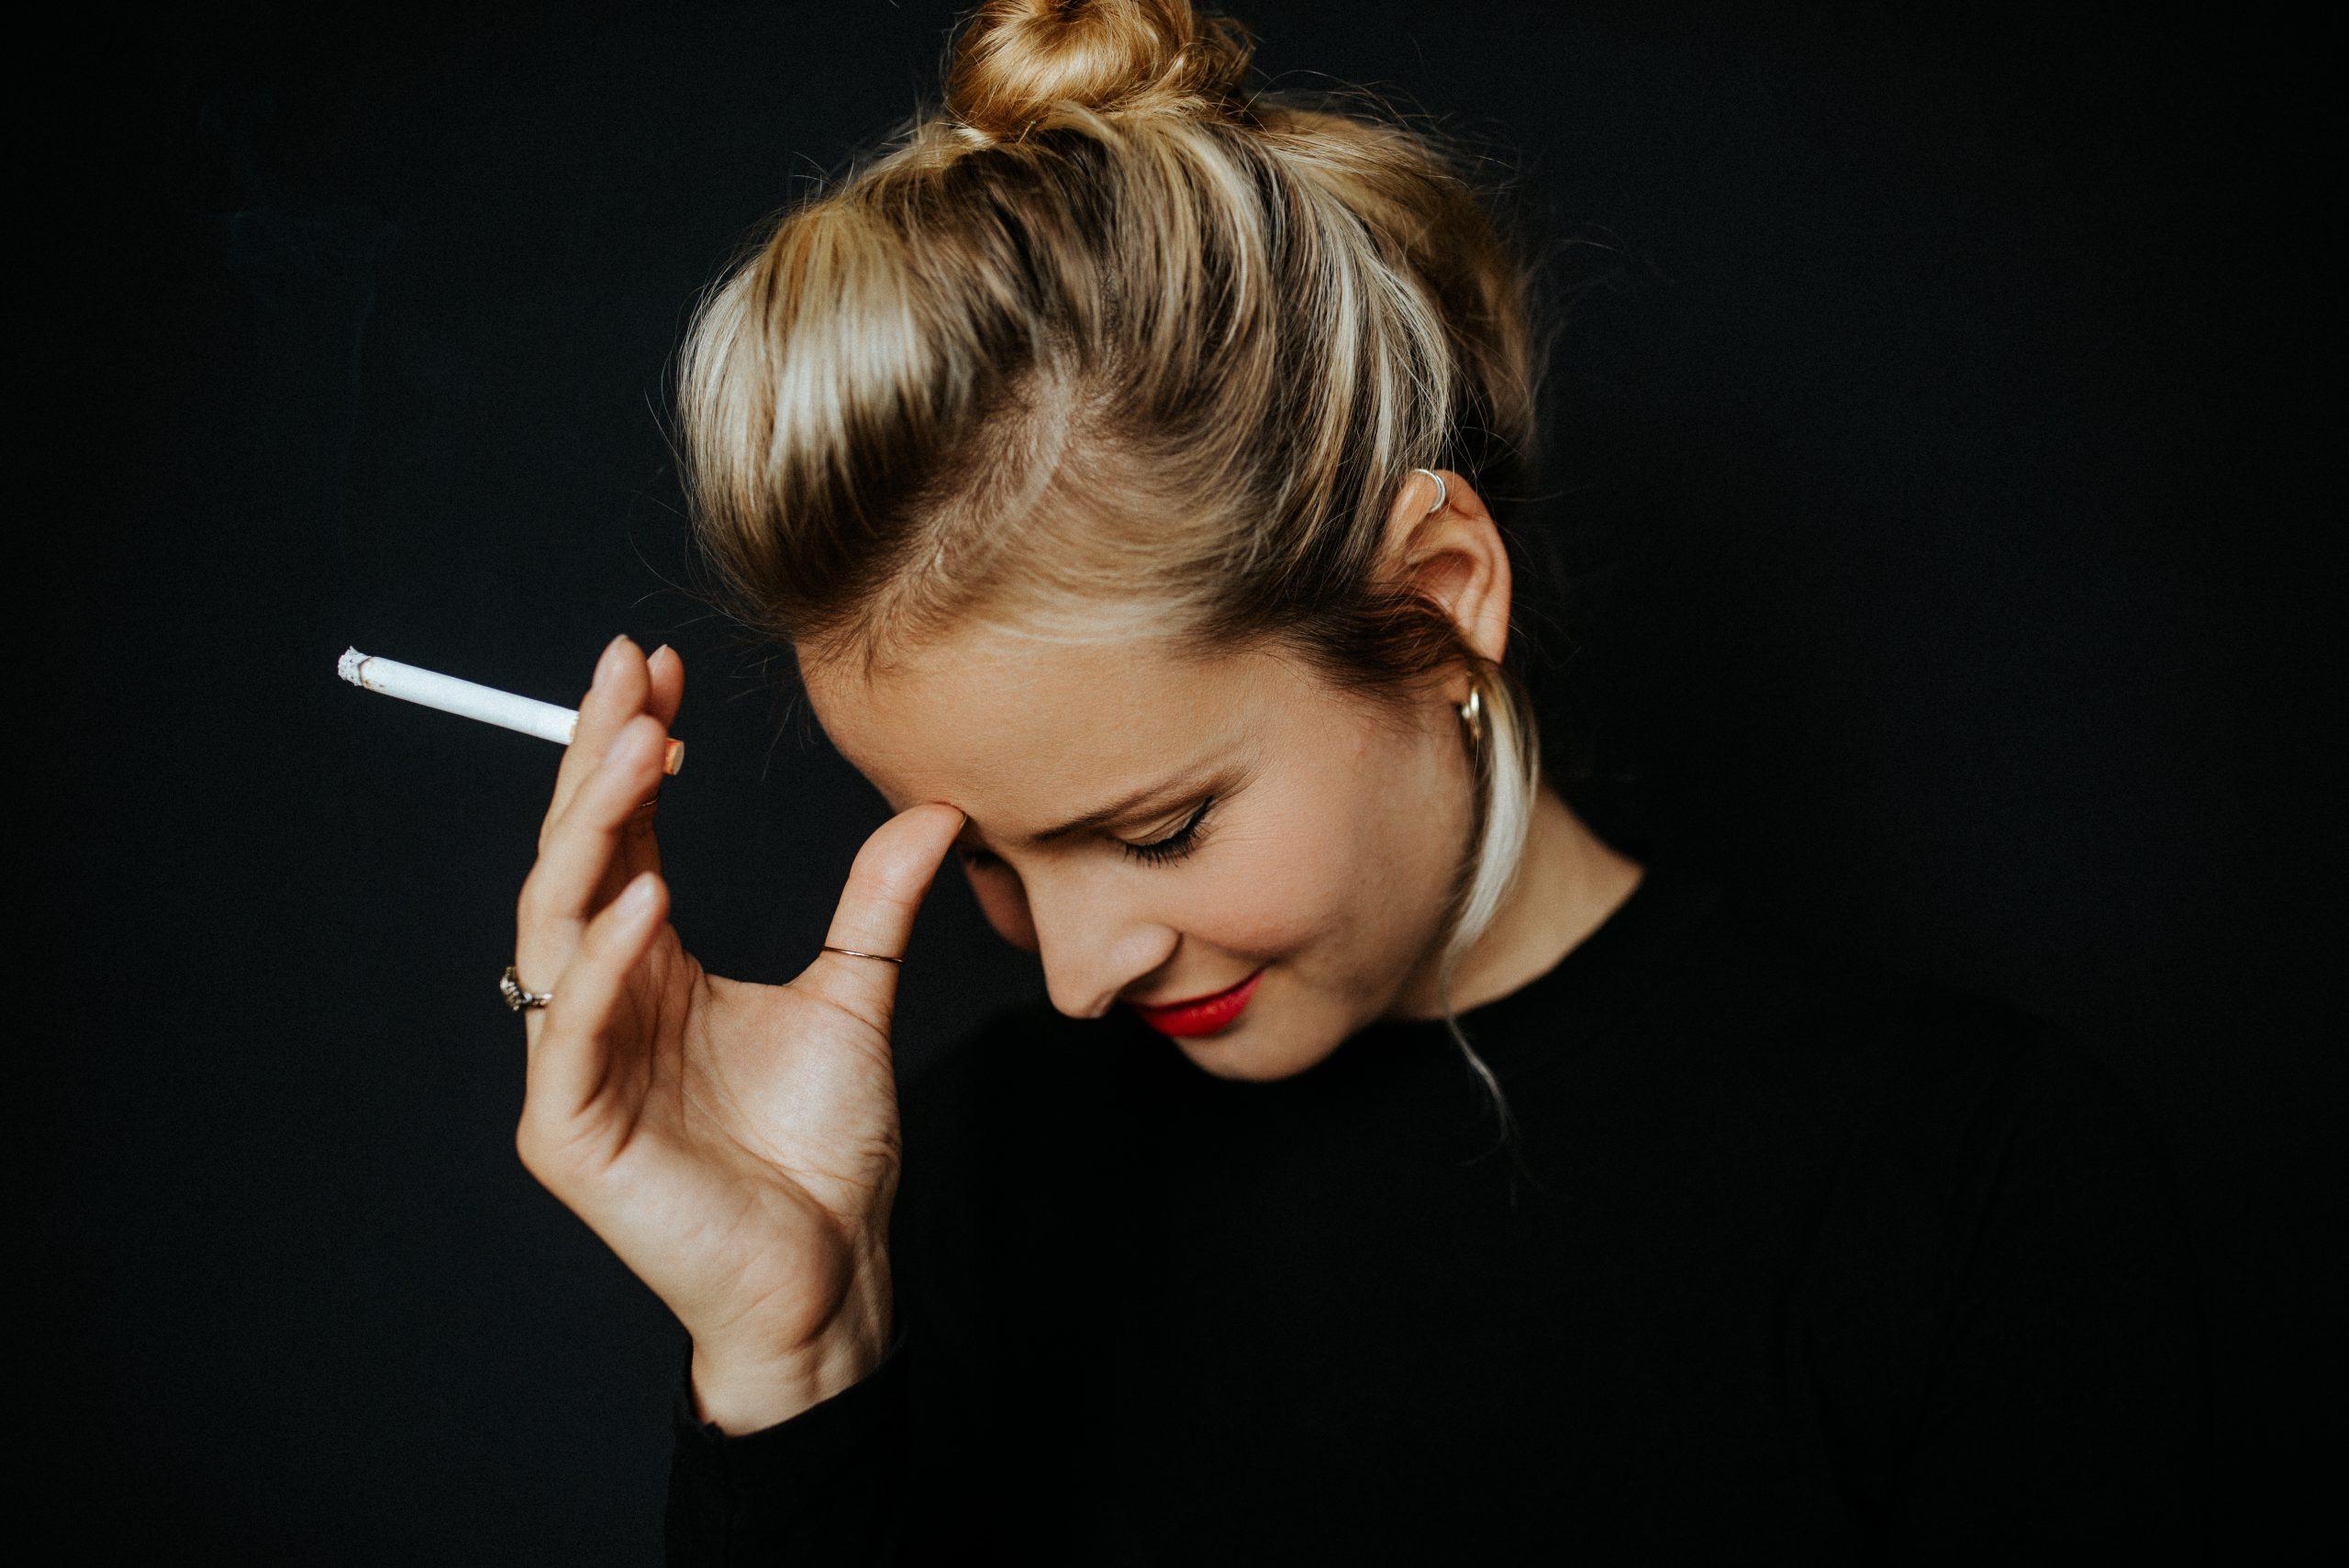 junge Frau mit Zigarette